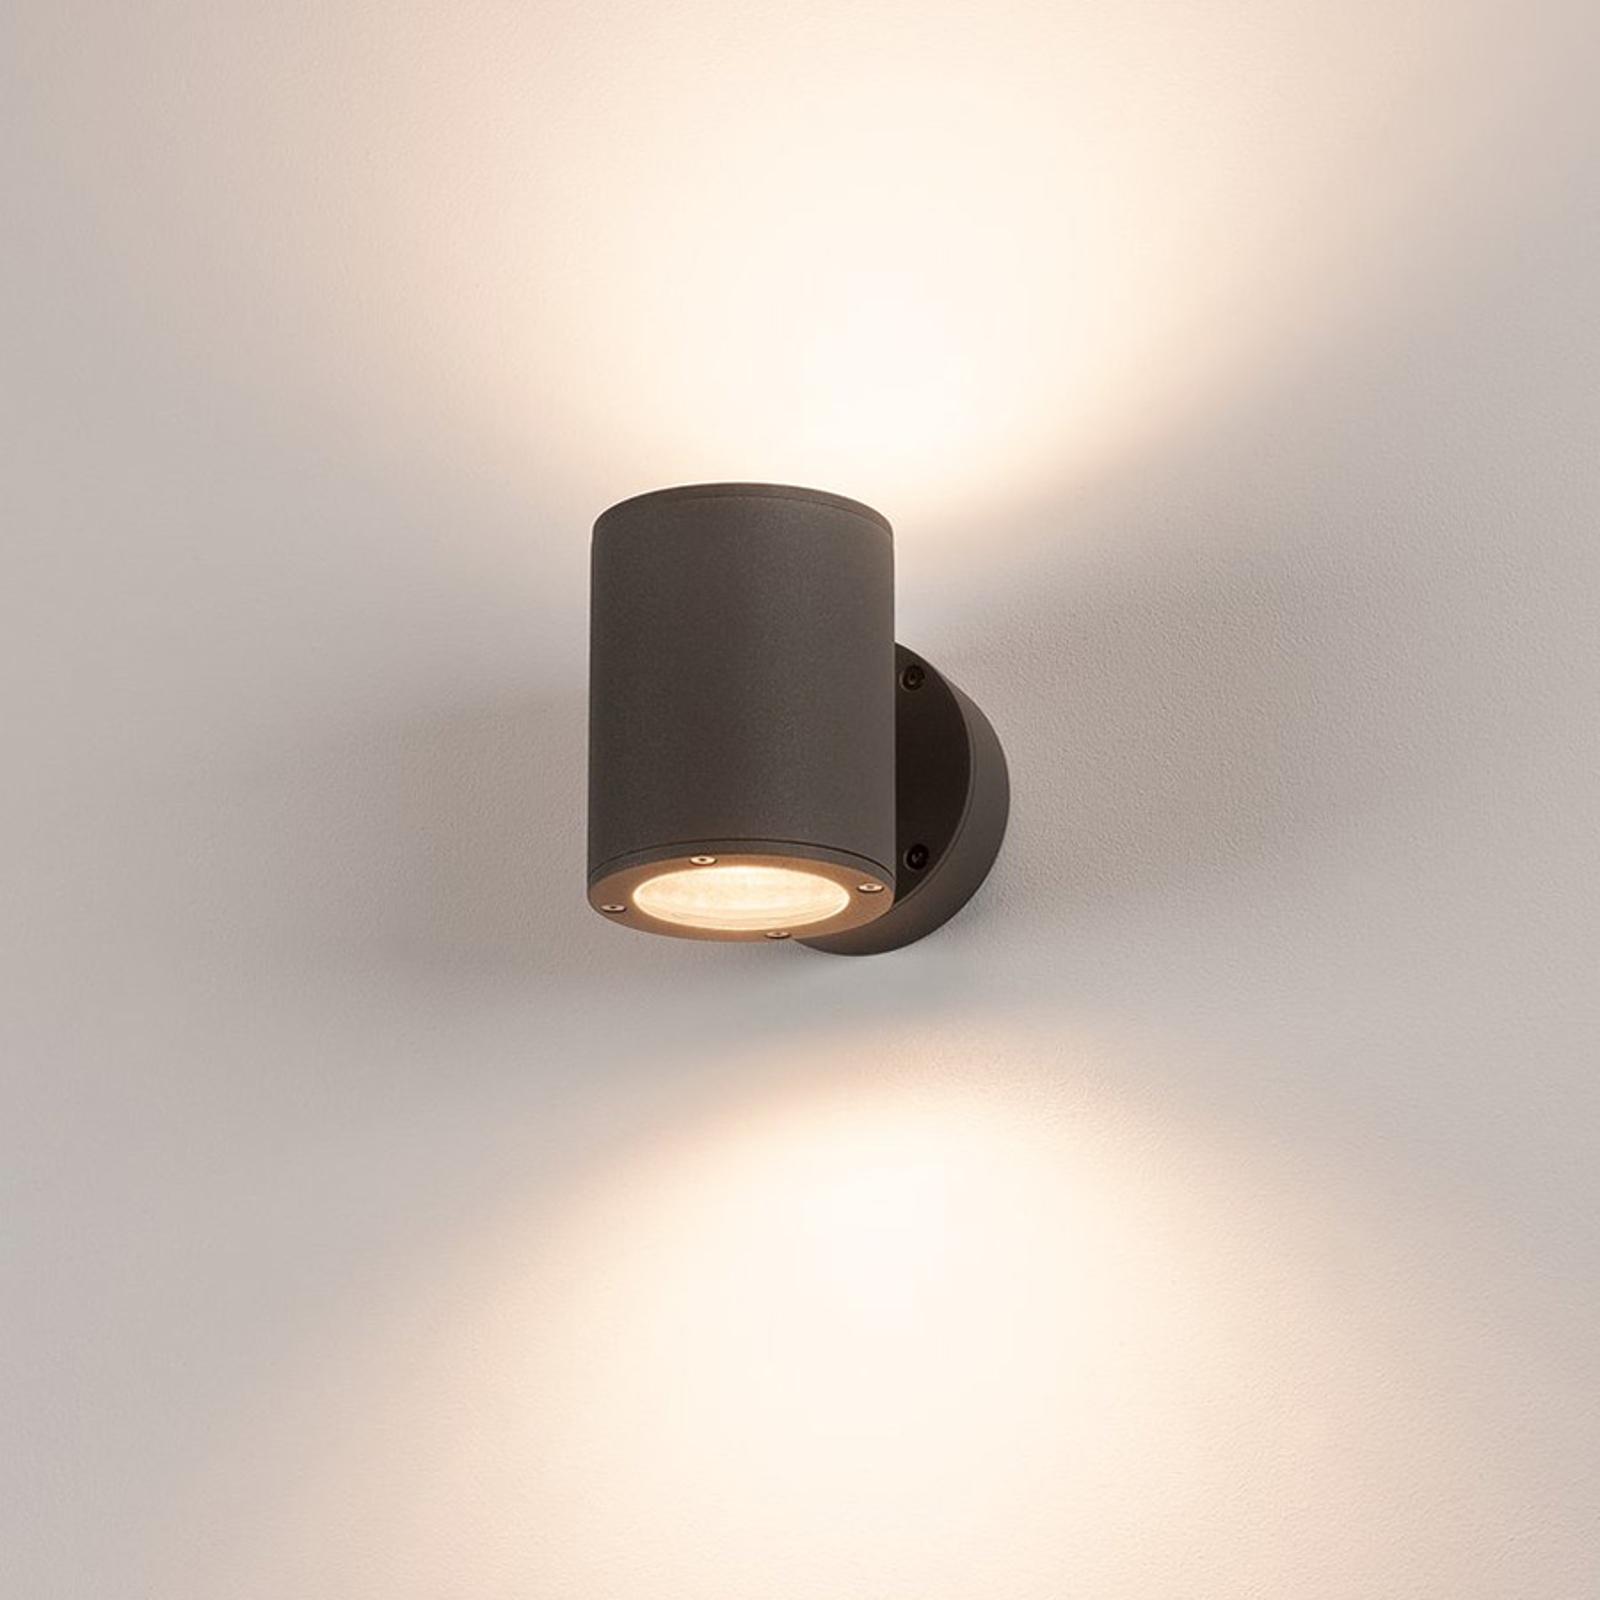 Zewnętrzna lampa ścienna SITRA WALL UP-DOWN